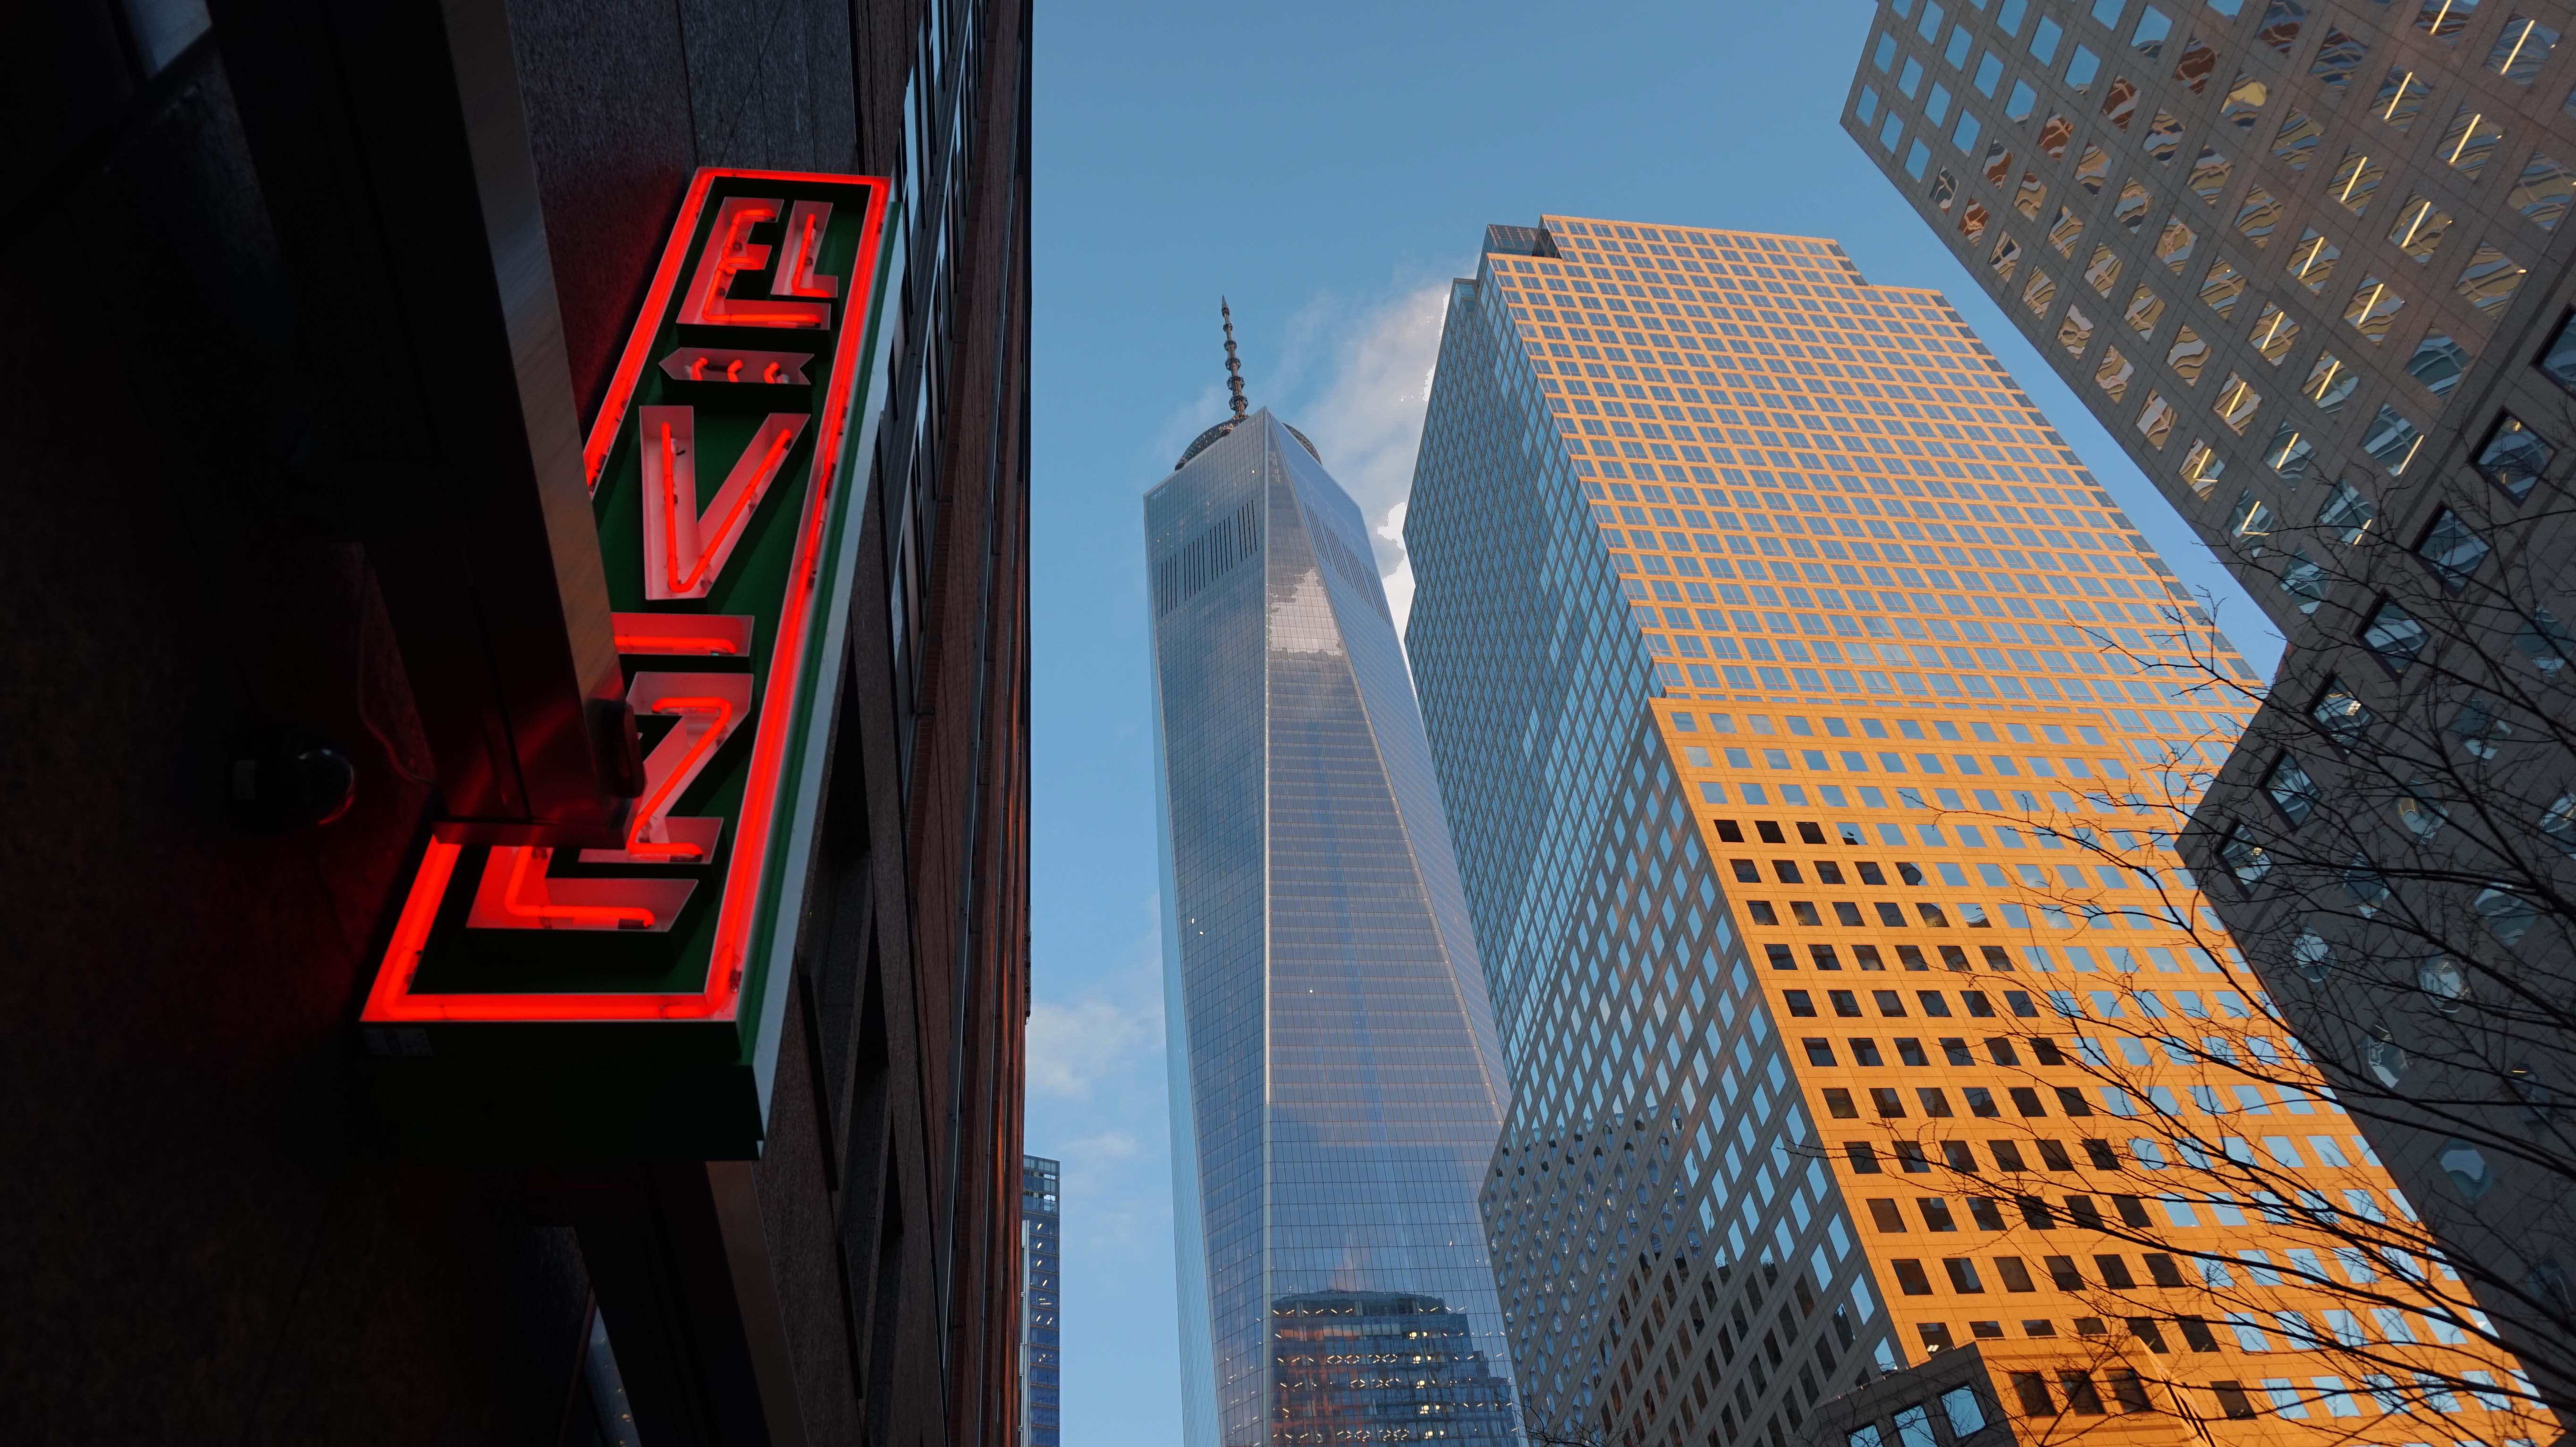 El-Vez-sign-and-WTC-12-30-2014-low